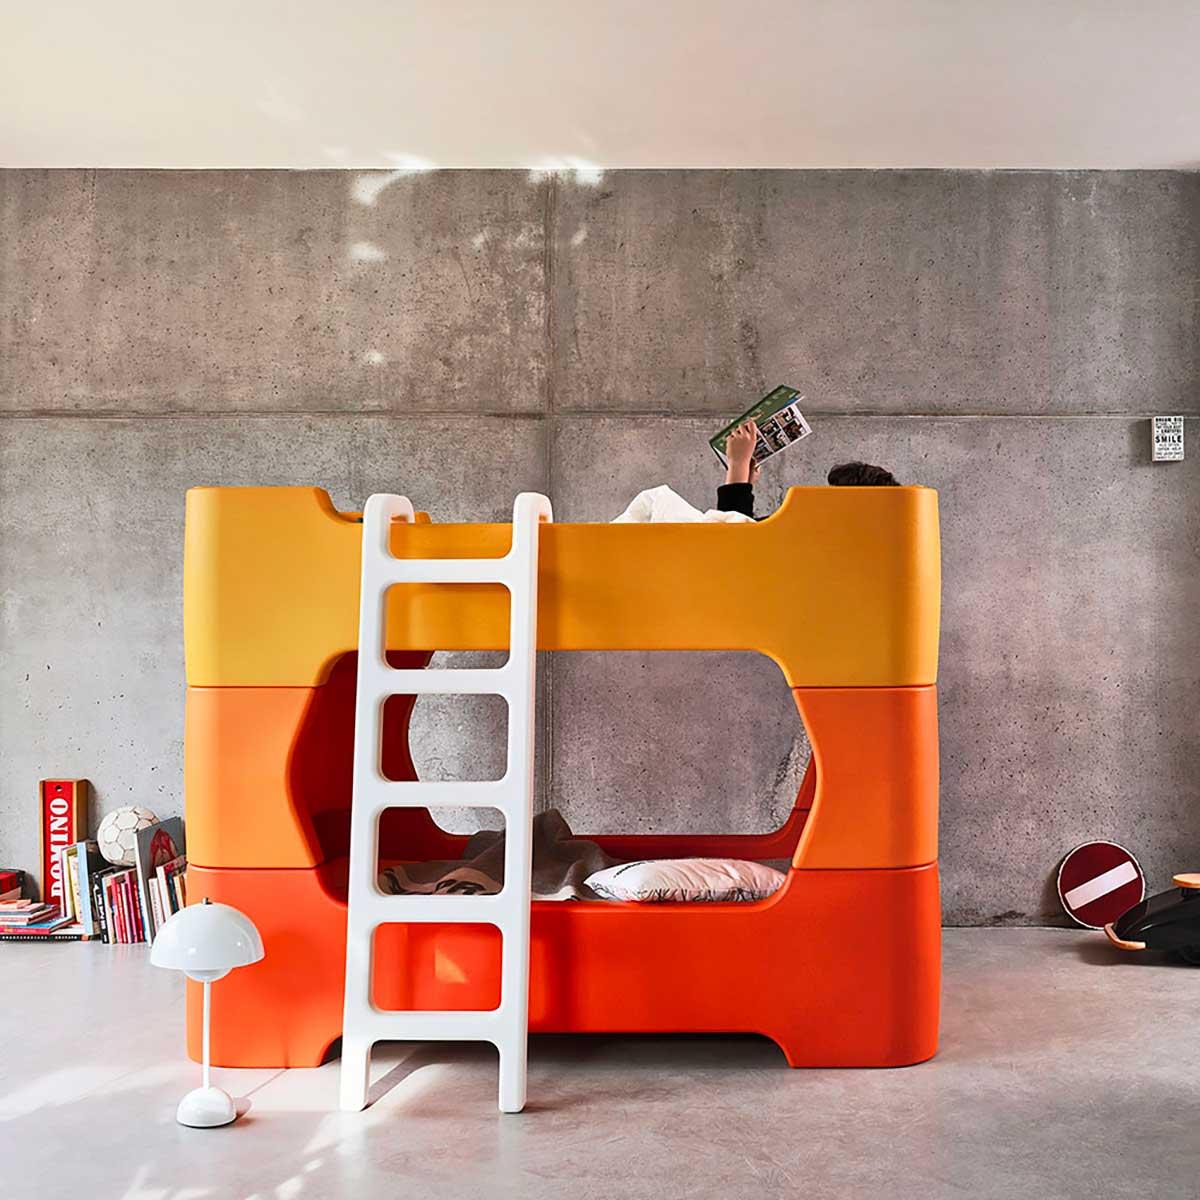 Lit superposé design : 17 idées une chambre d'enfant moderne